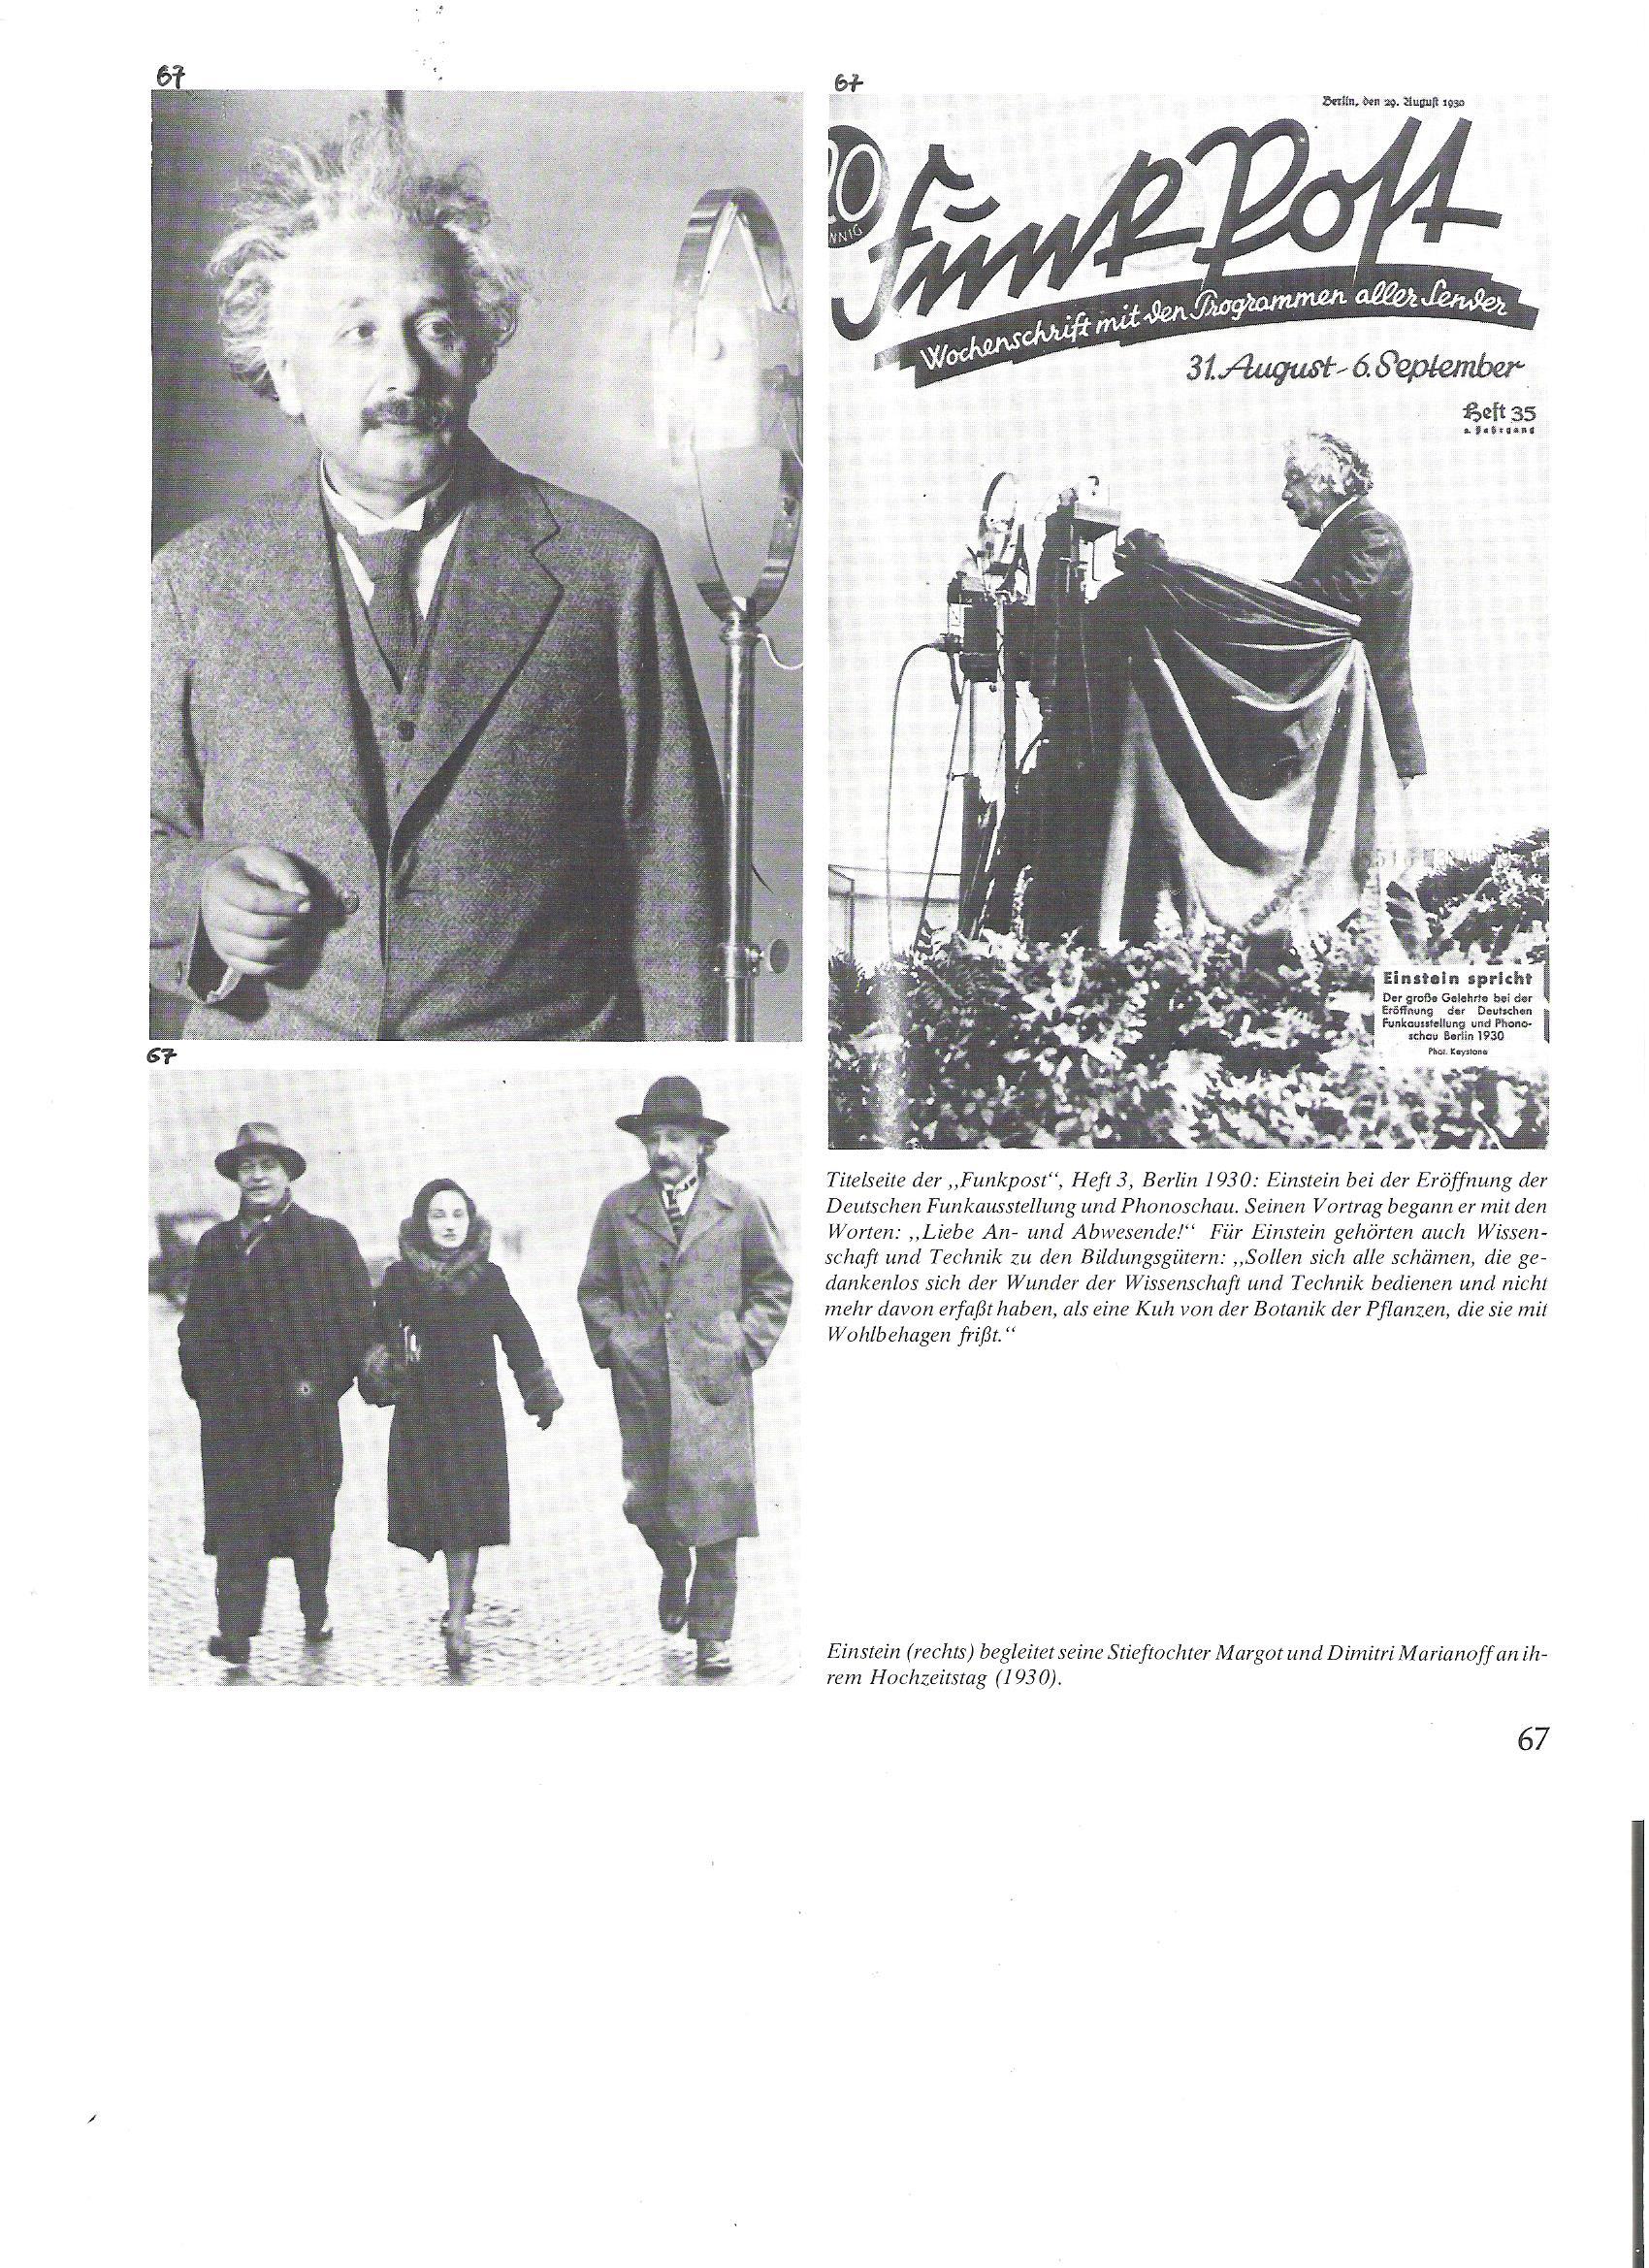 """67<br />A """"Funkpost"""" címlapja, 3.füzet, Berlin, 1930: <br />Einstein a német """"Rádiókiállítás és hangbemutató"""" megnyitásán. Előadását így kezdte: """"Kedves itt- és távollevők!"""" Einstein számára a tudomány és technka is hozzátartozott az általános műveltséghez. """"Szégyelljék azok magukat, akik a tudomány és technika csodáit igénybe veszik, de annyit sem fognak föl belőle, mint egy tehén a növény botanikájából, amit harapdál.""""<br /><br />67<br />Einstein (jobbról) , fogadott lányát, Margot és Dimitri Marianoff-ot kíséri esküvőjük napján (1930)."""